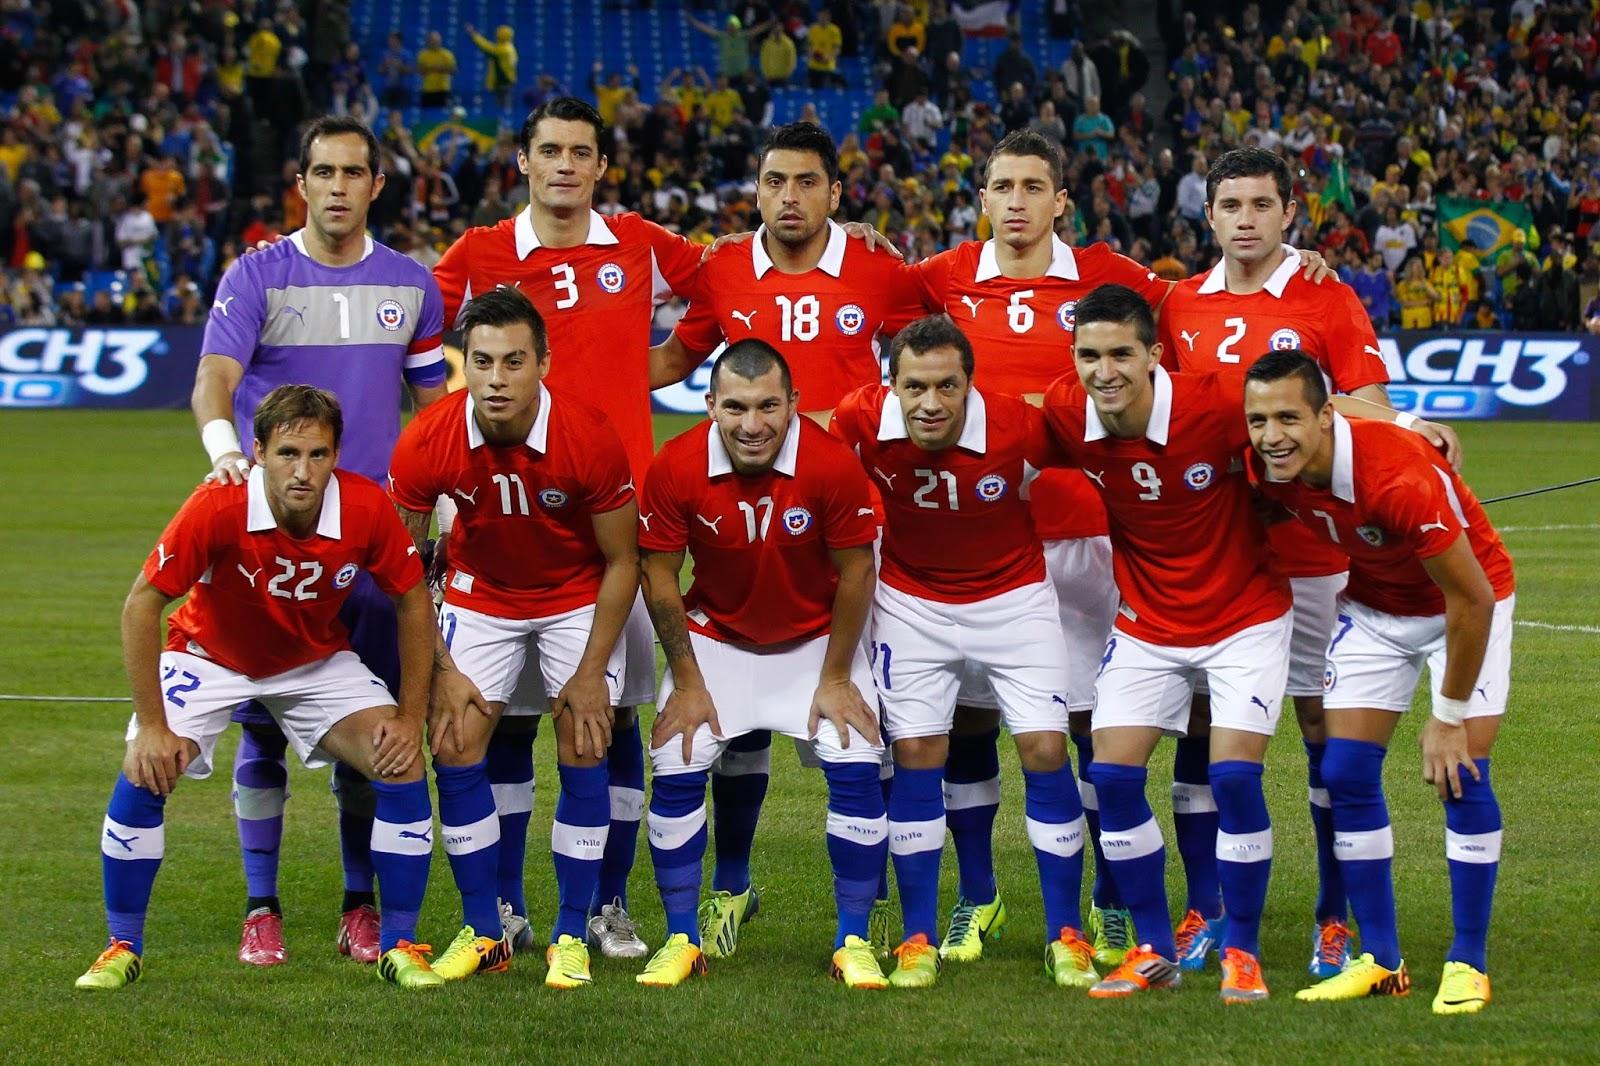 Formación de Chile ante Brasil, amistoso disputado el 19 de noviembre de 2013